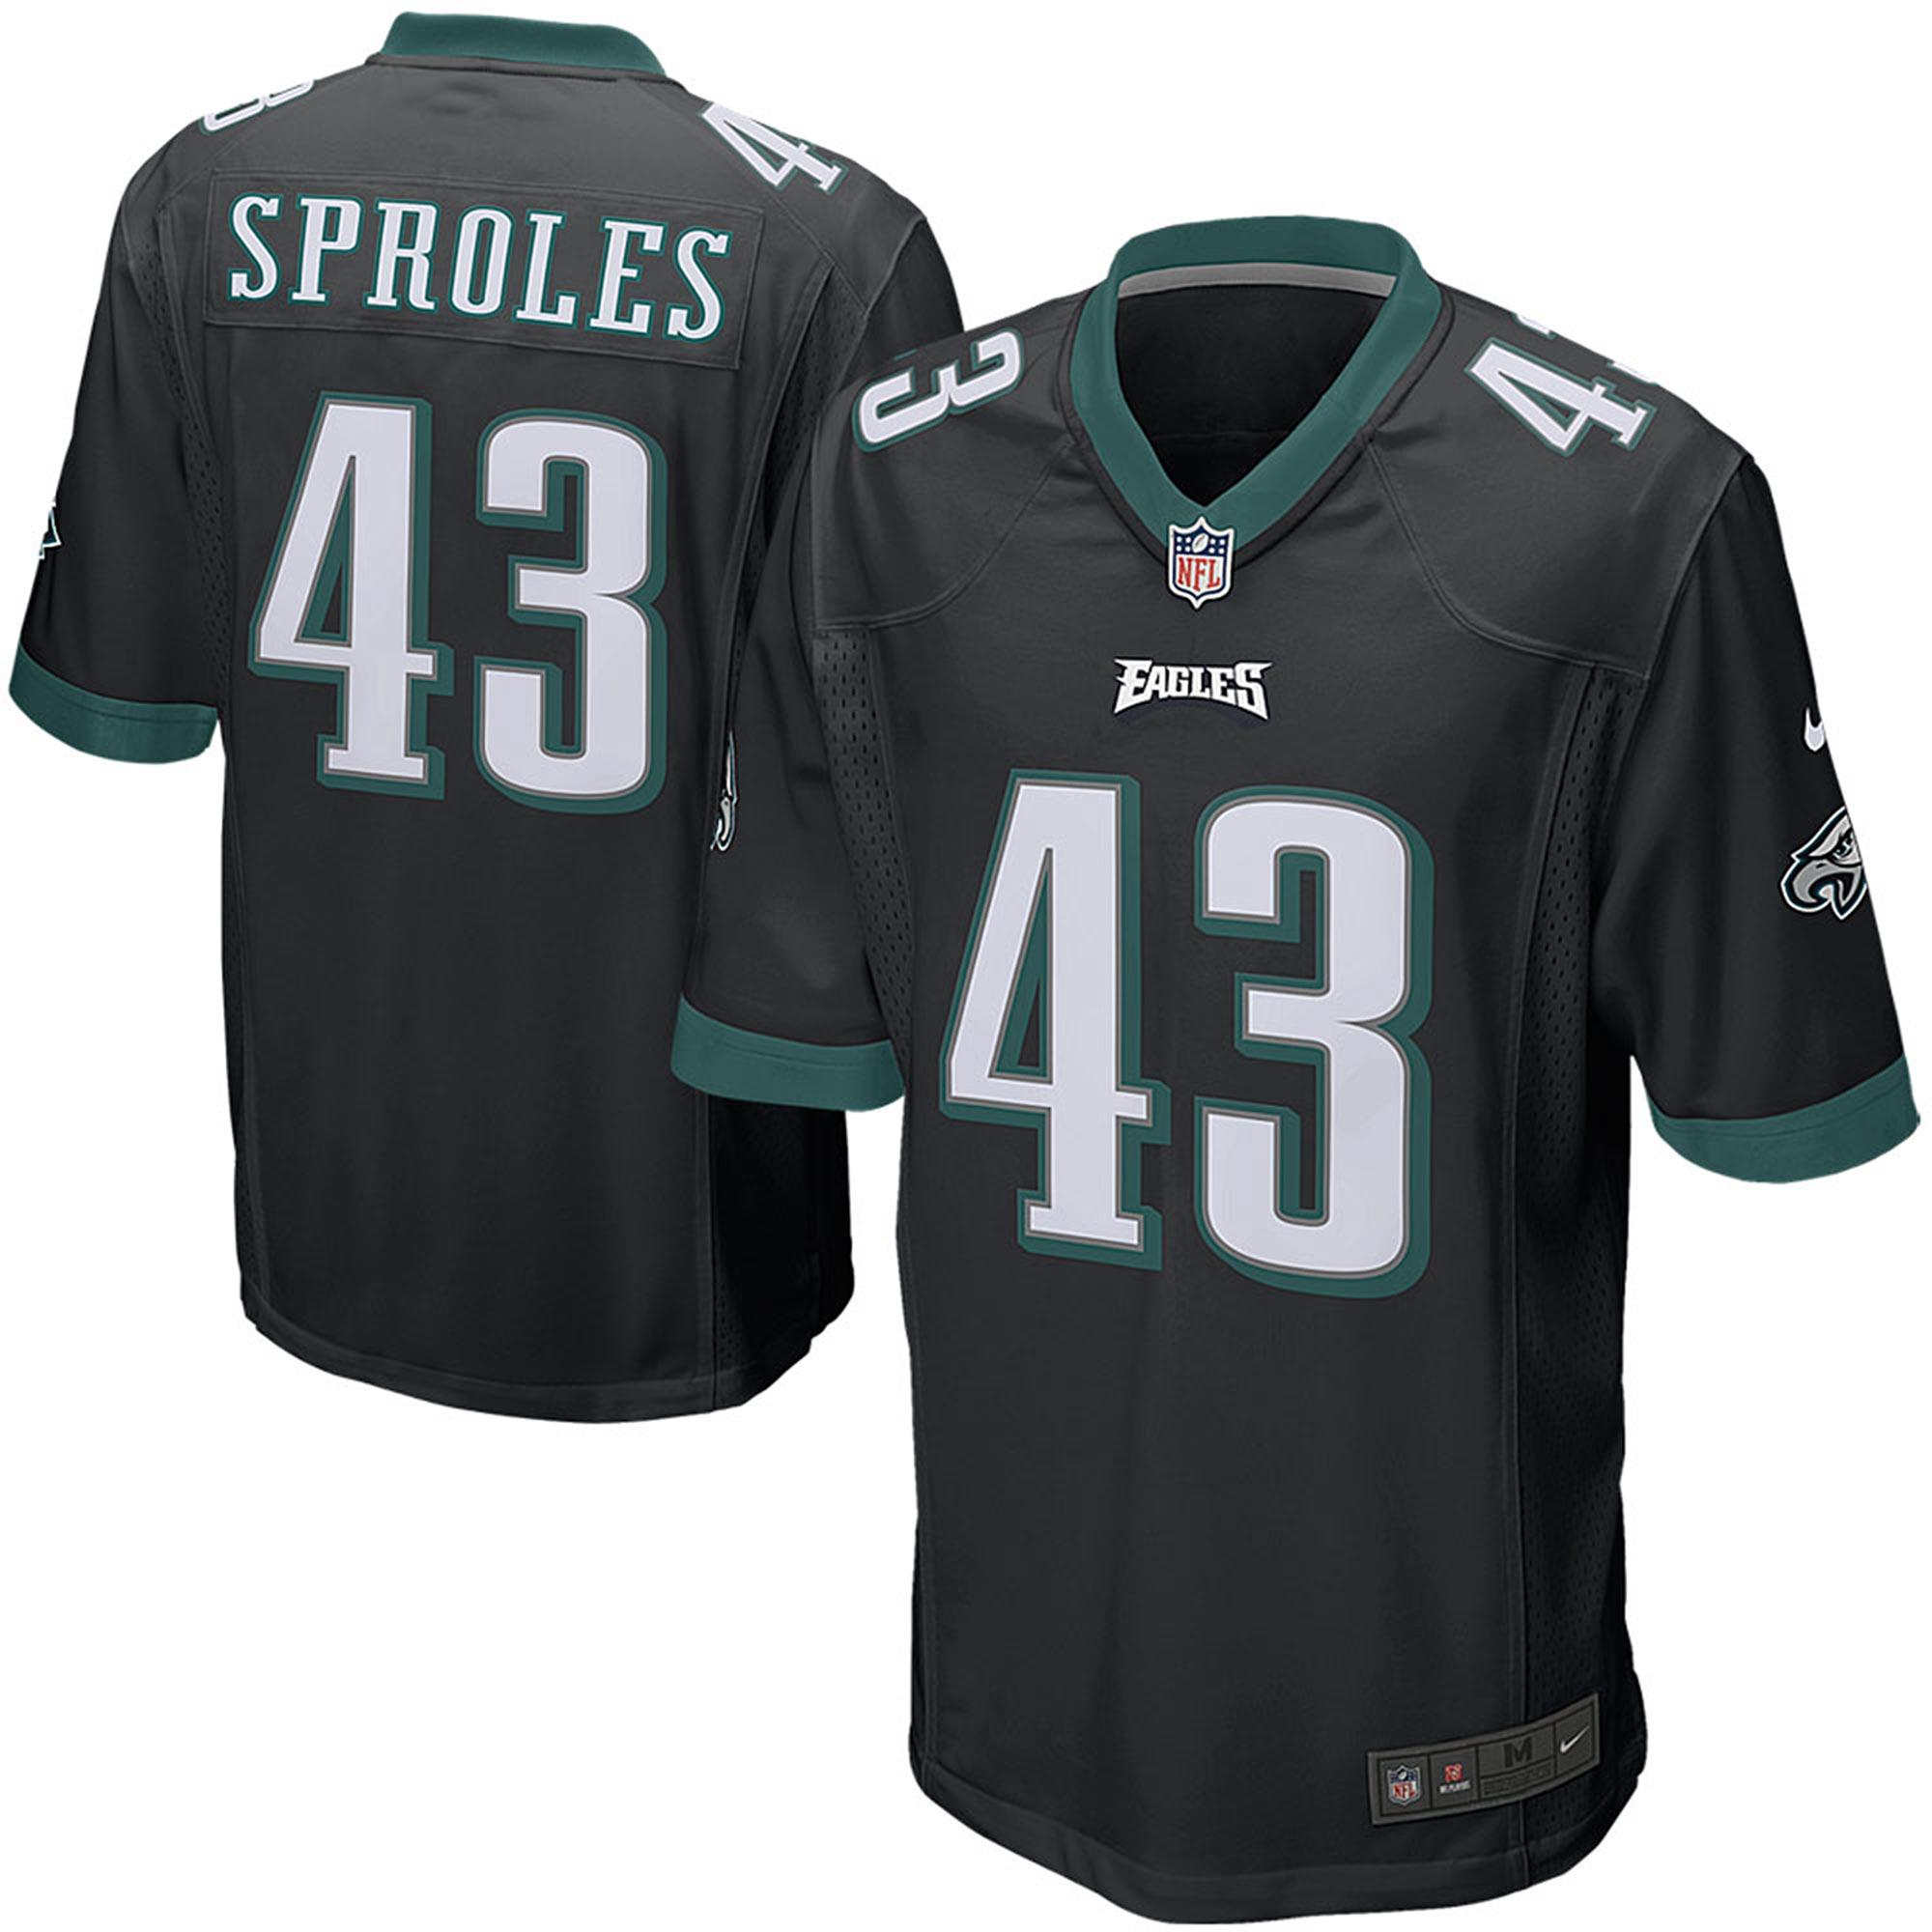 Philadelphia Eagles Ausweichtrikot - Darren Sproles - Herren